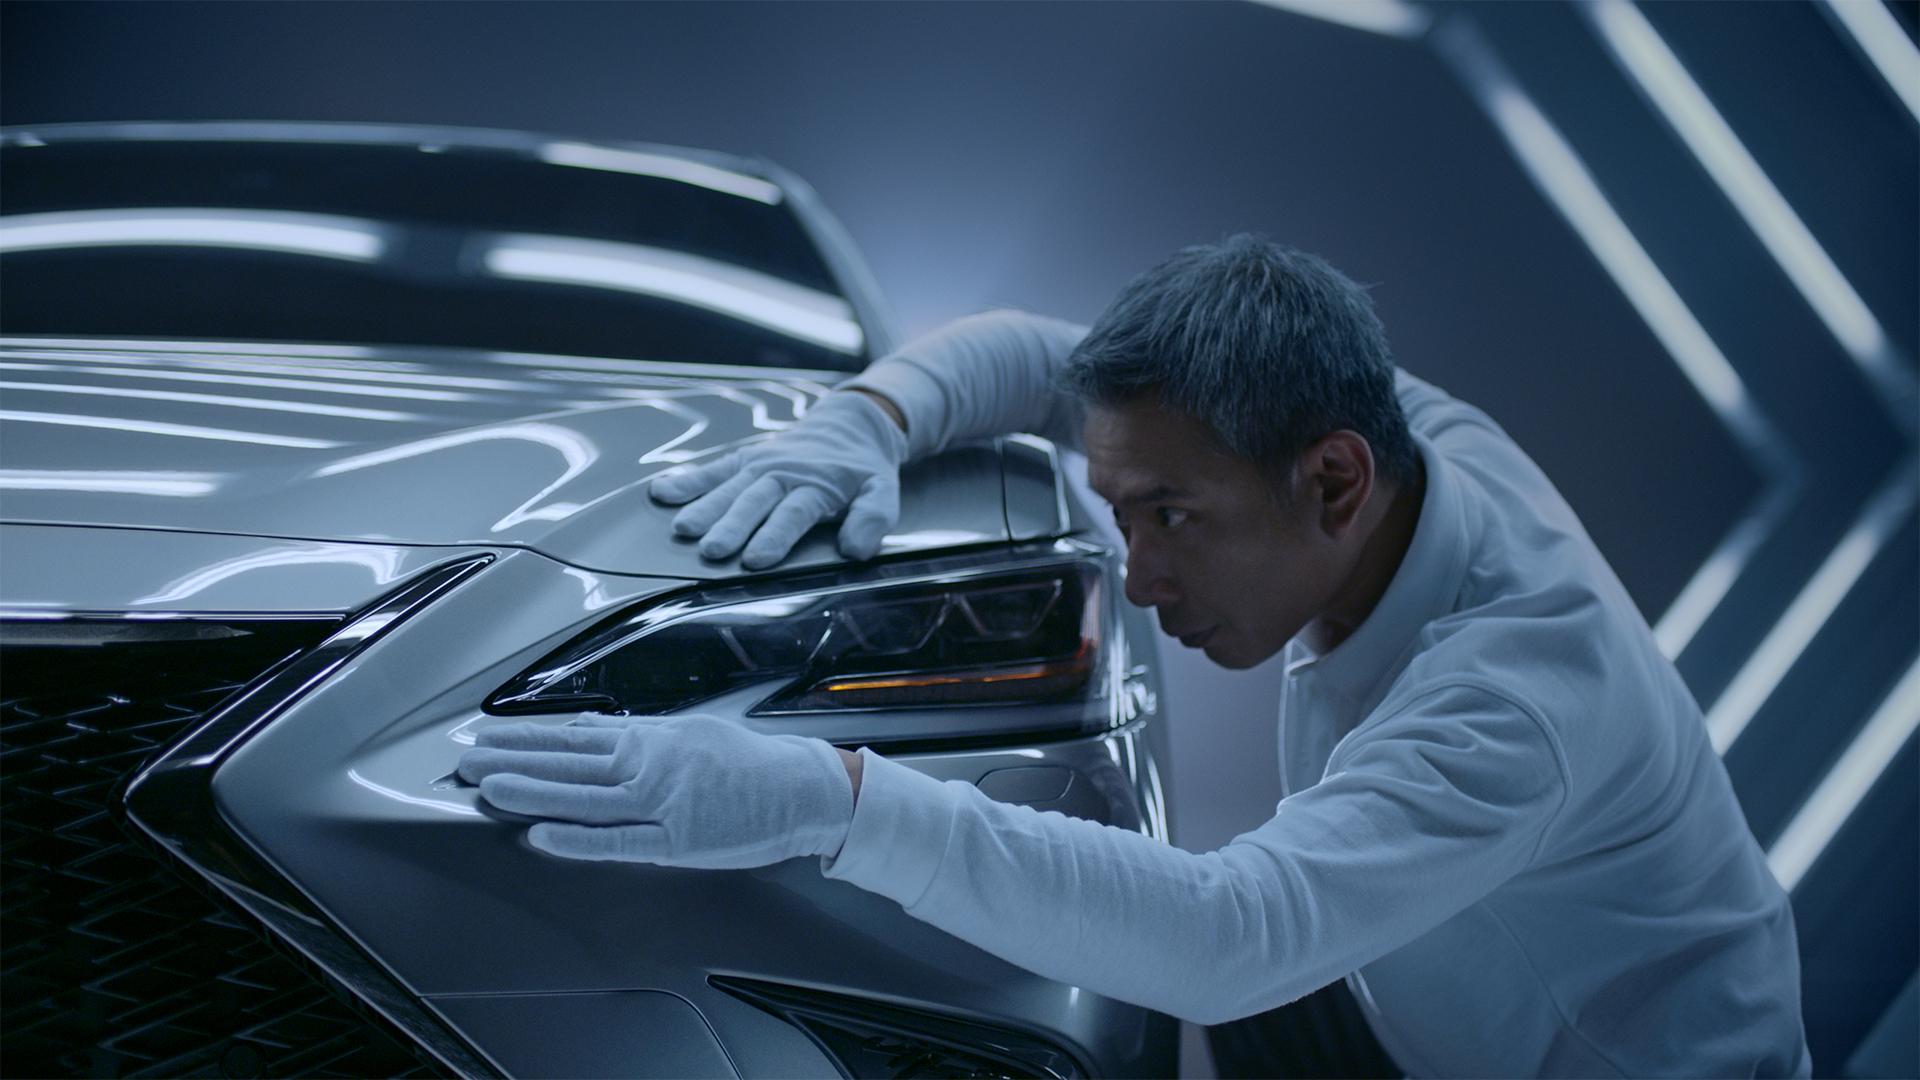 03 2019 021 Waarom Lexus meer dan een autofabrikant is 1920x1080 galerij